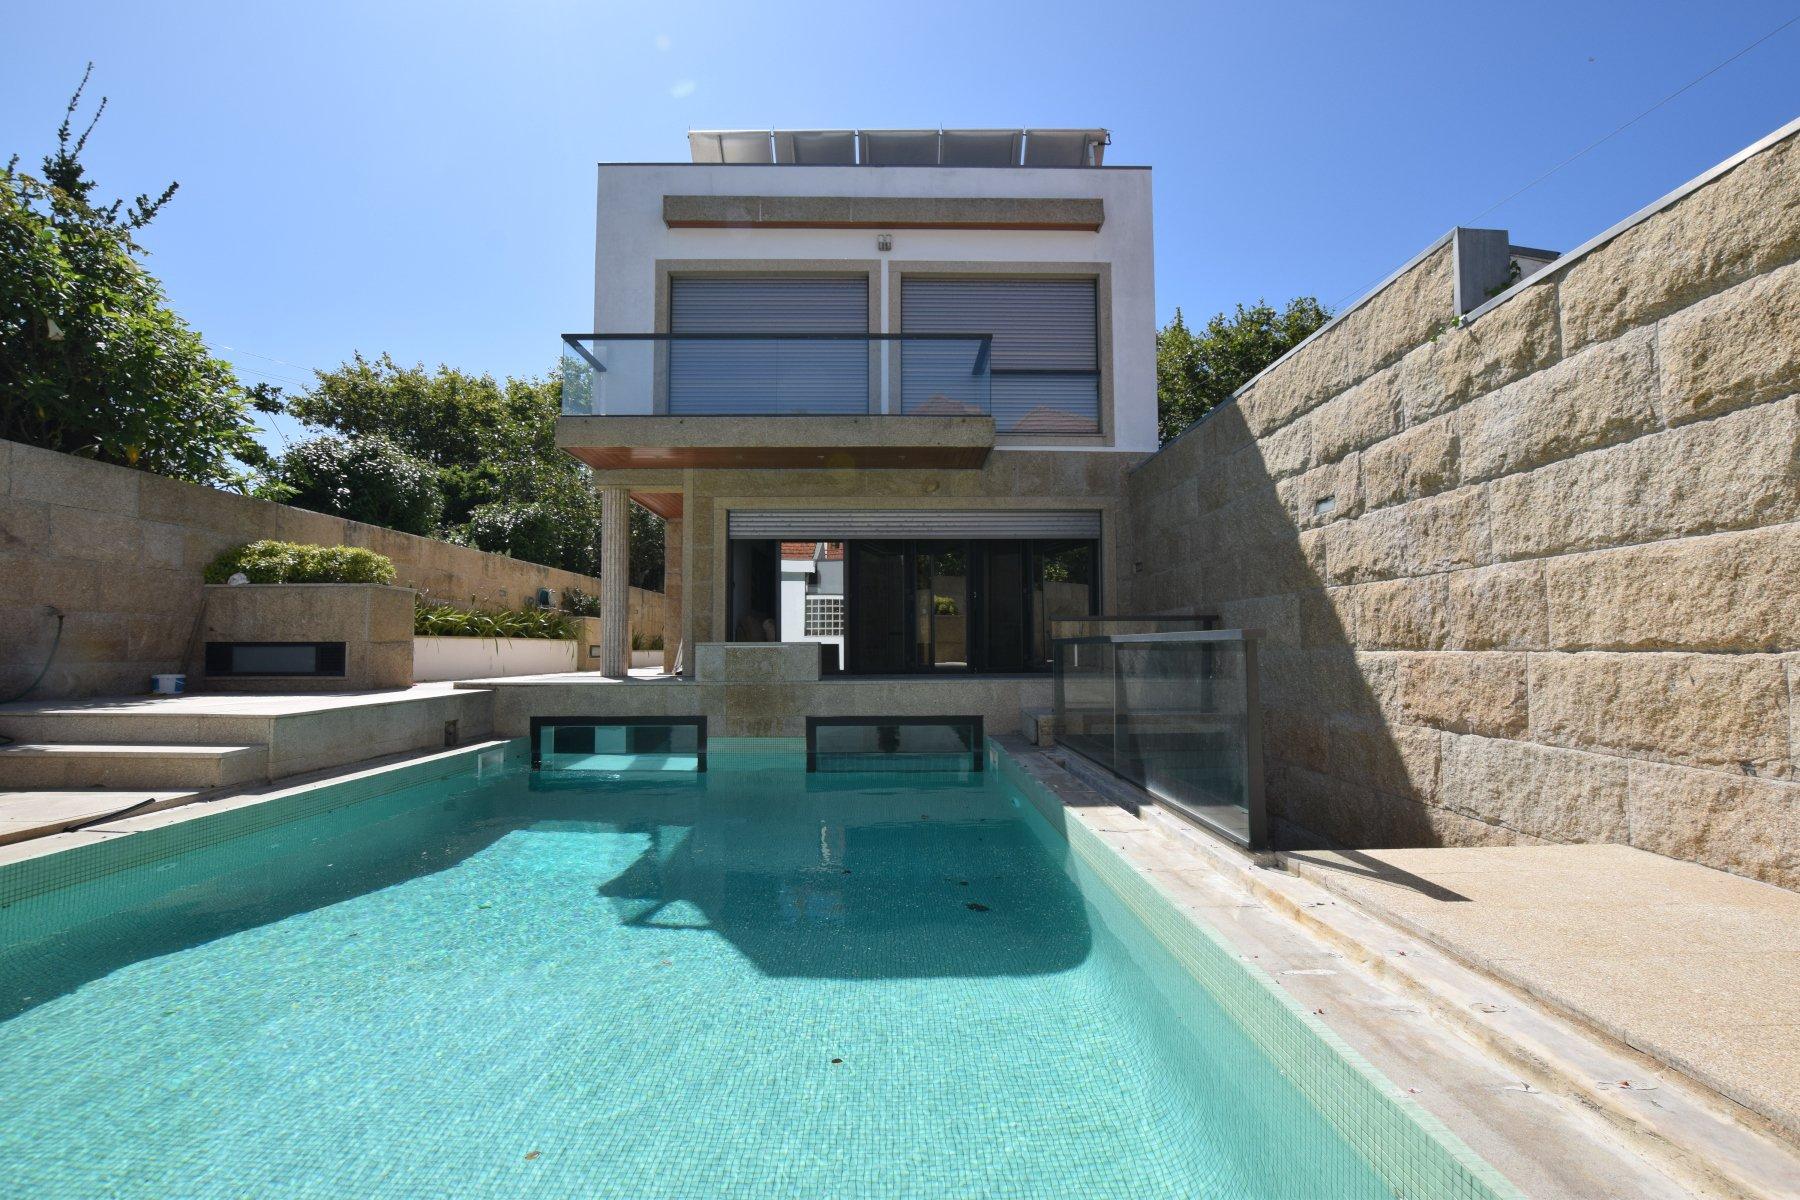 4 Bedroom Villa Vila Nova de Gaia, Porto Ref: AVP51